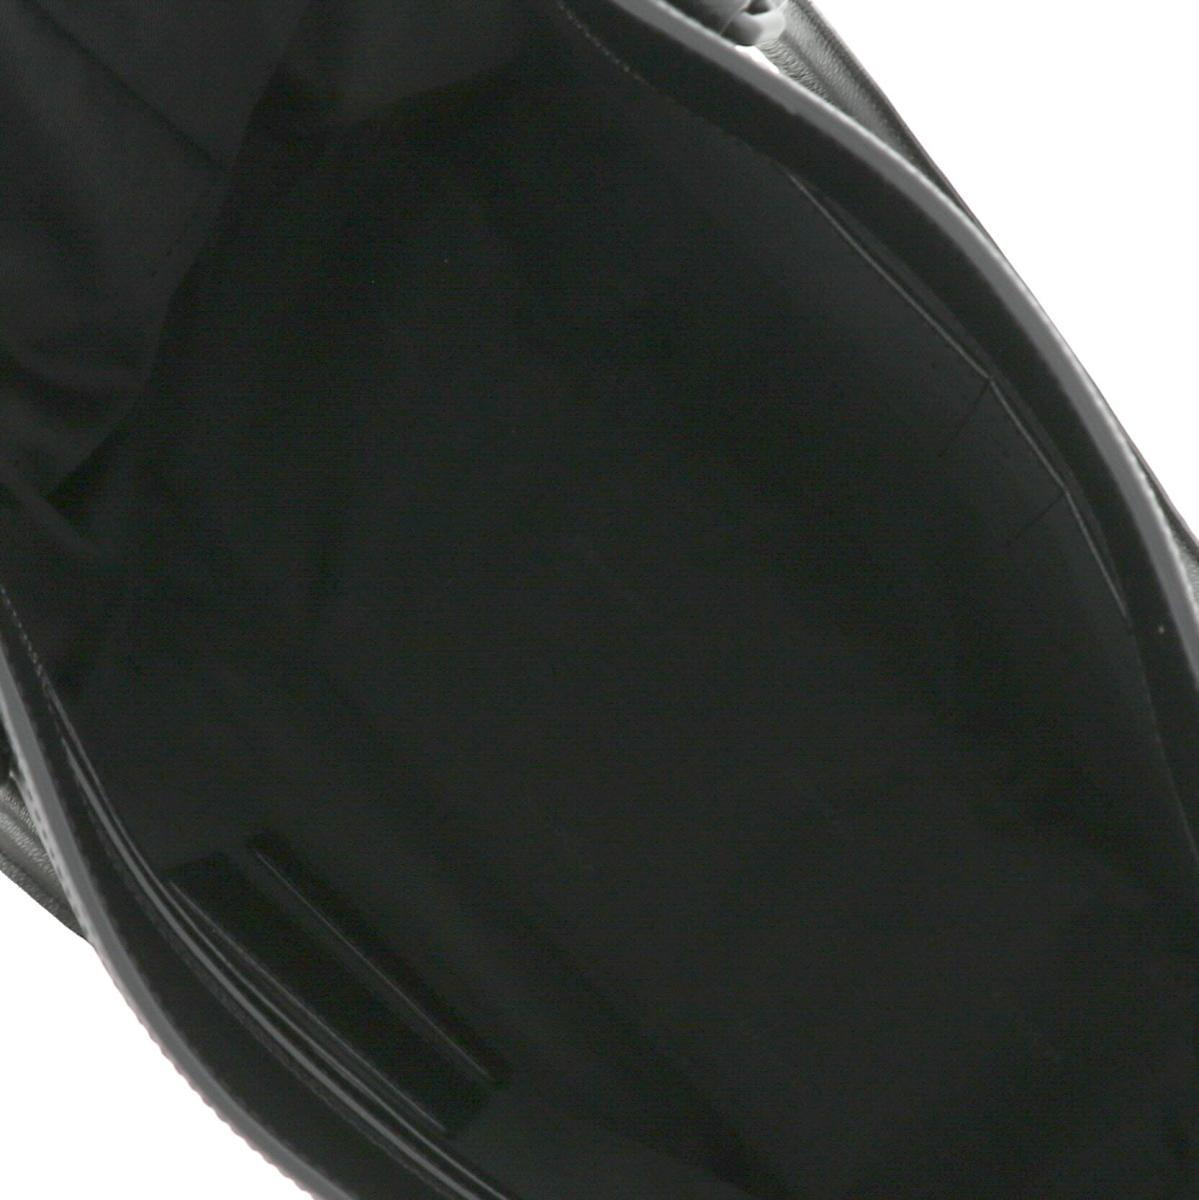 【即日発送・水曜定休日・木曜発送】【極上品】【オススメ】【RI】 COACH (コーチ) メトロトートバッグ バッグ トートバッグ メトロ Black/ブラック 72114G unused:S